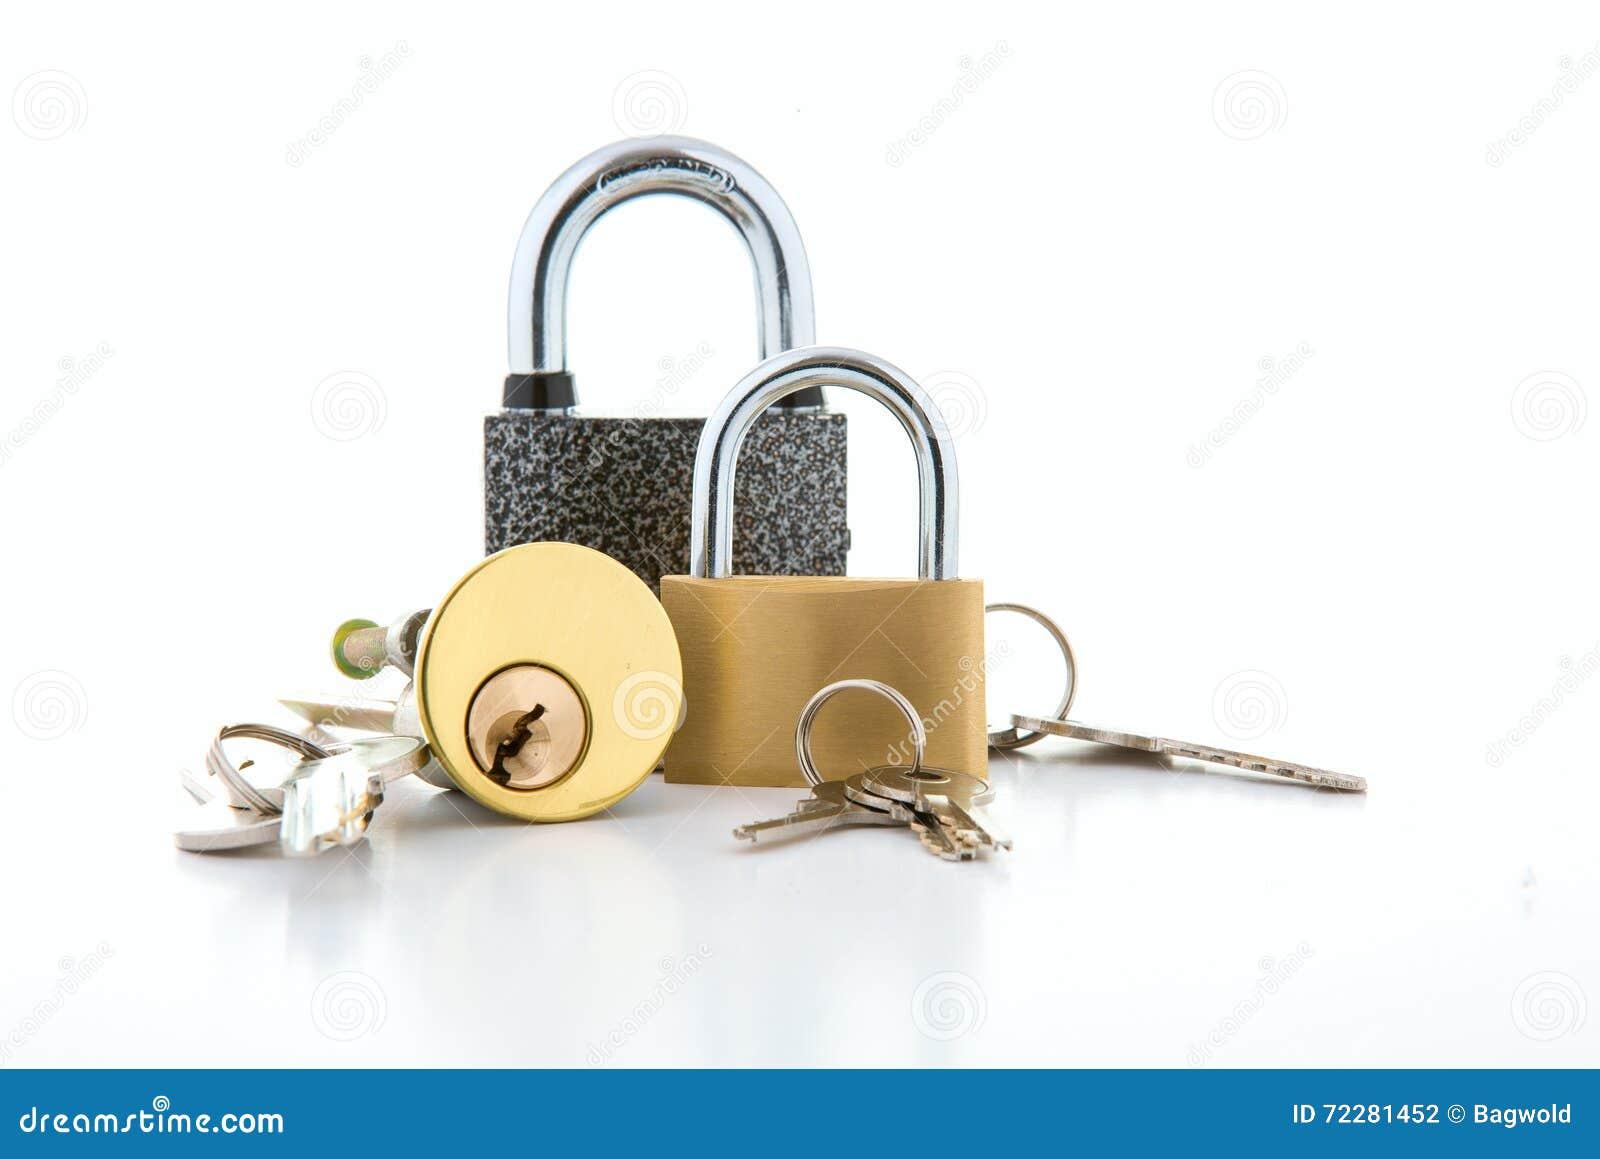 Download Собрание замков стоковое фото. изображение насчитывающей закрыто - 72281452